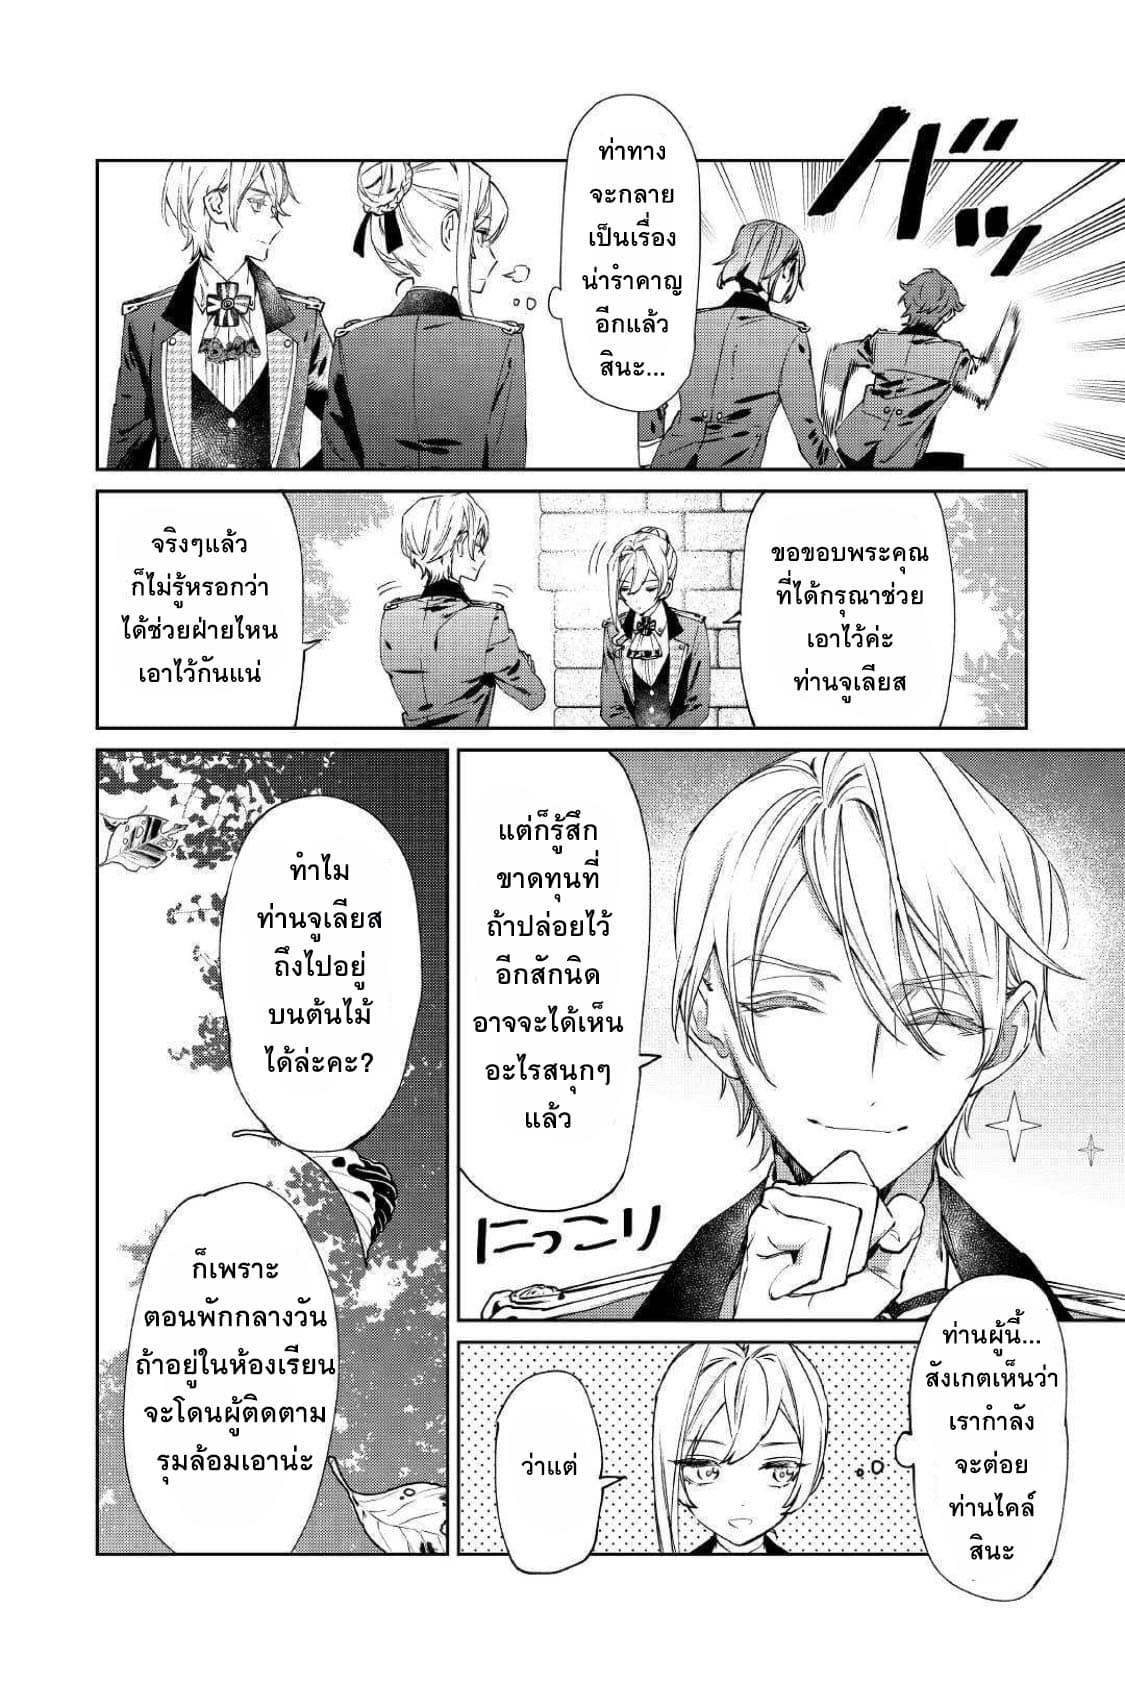 อ่านการ์ตูน Saigo ni Hitotsu Dake Onengai Shitemo Yoroshii Deshouka ตอนที่ 3 หน้าที่ 6